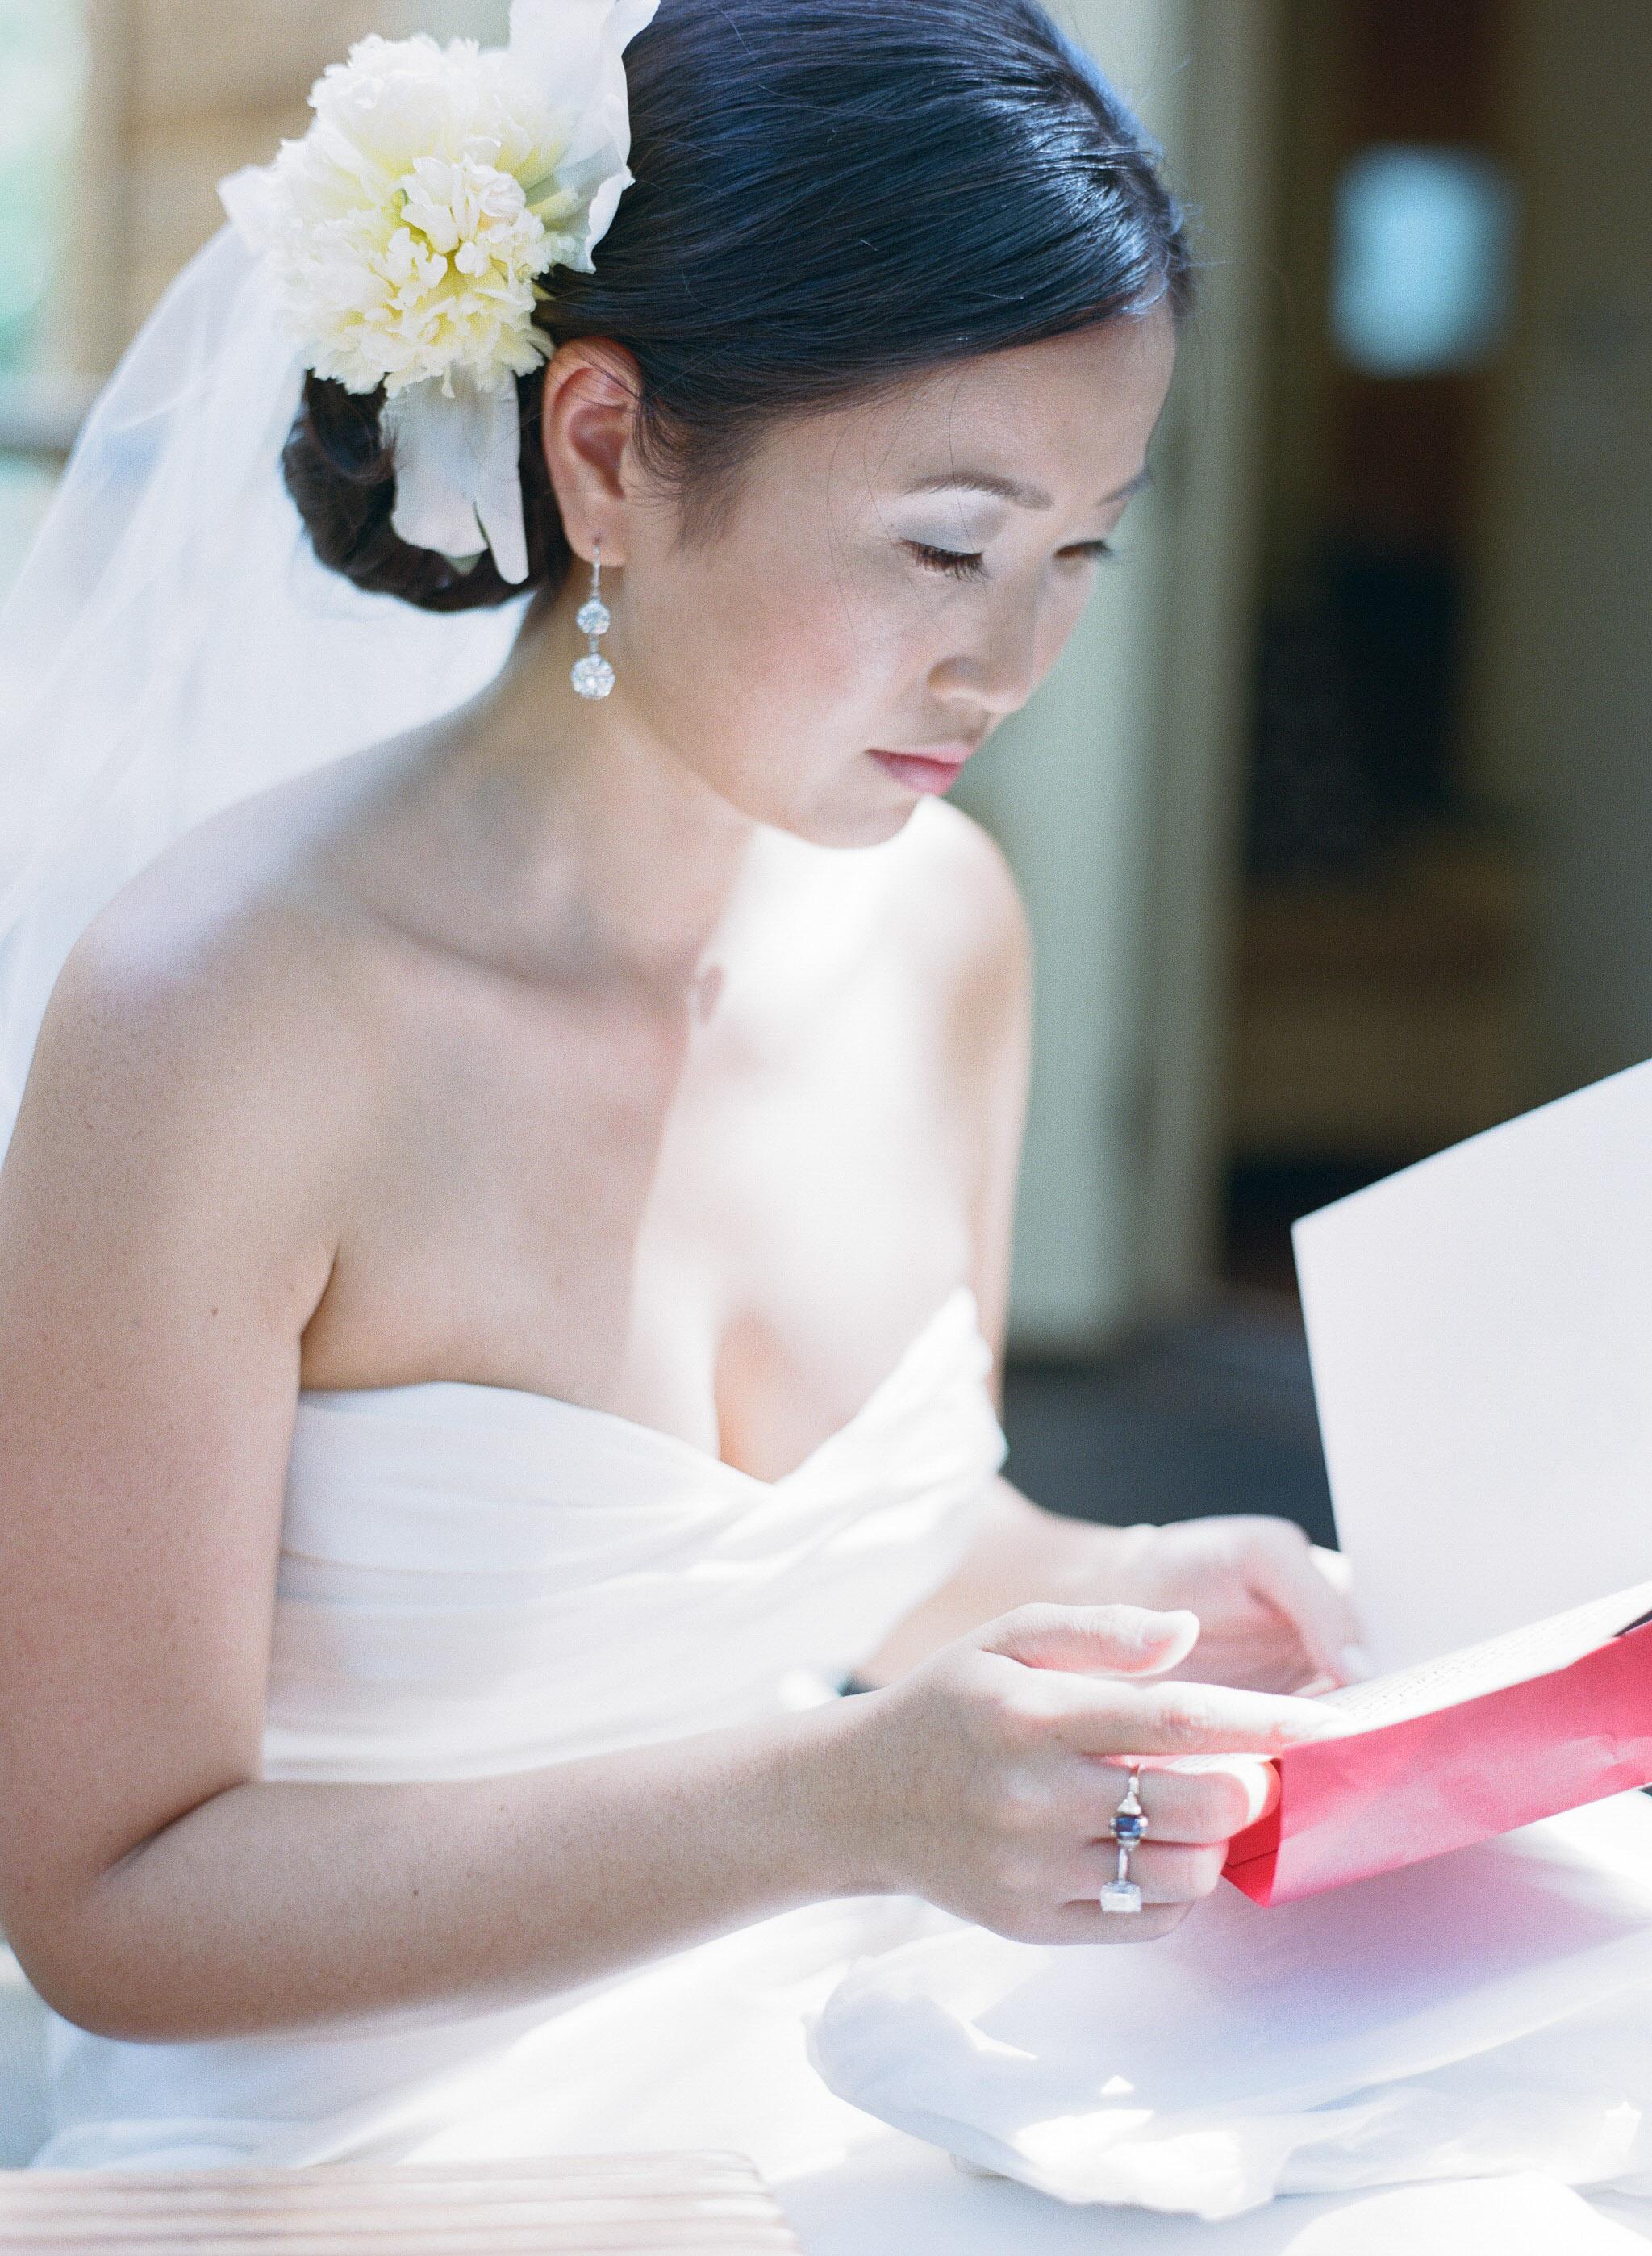 SylvieGil-Bride, Ceremony, Family, film, Groom, Napa, Reception, Wedding, Wedding Party-8.jpg